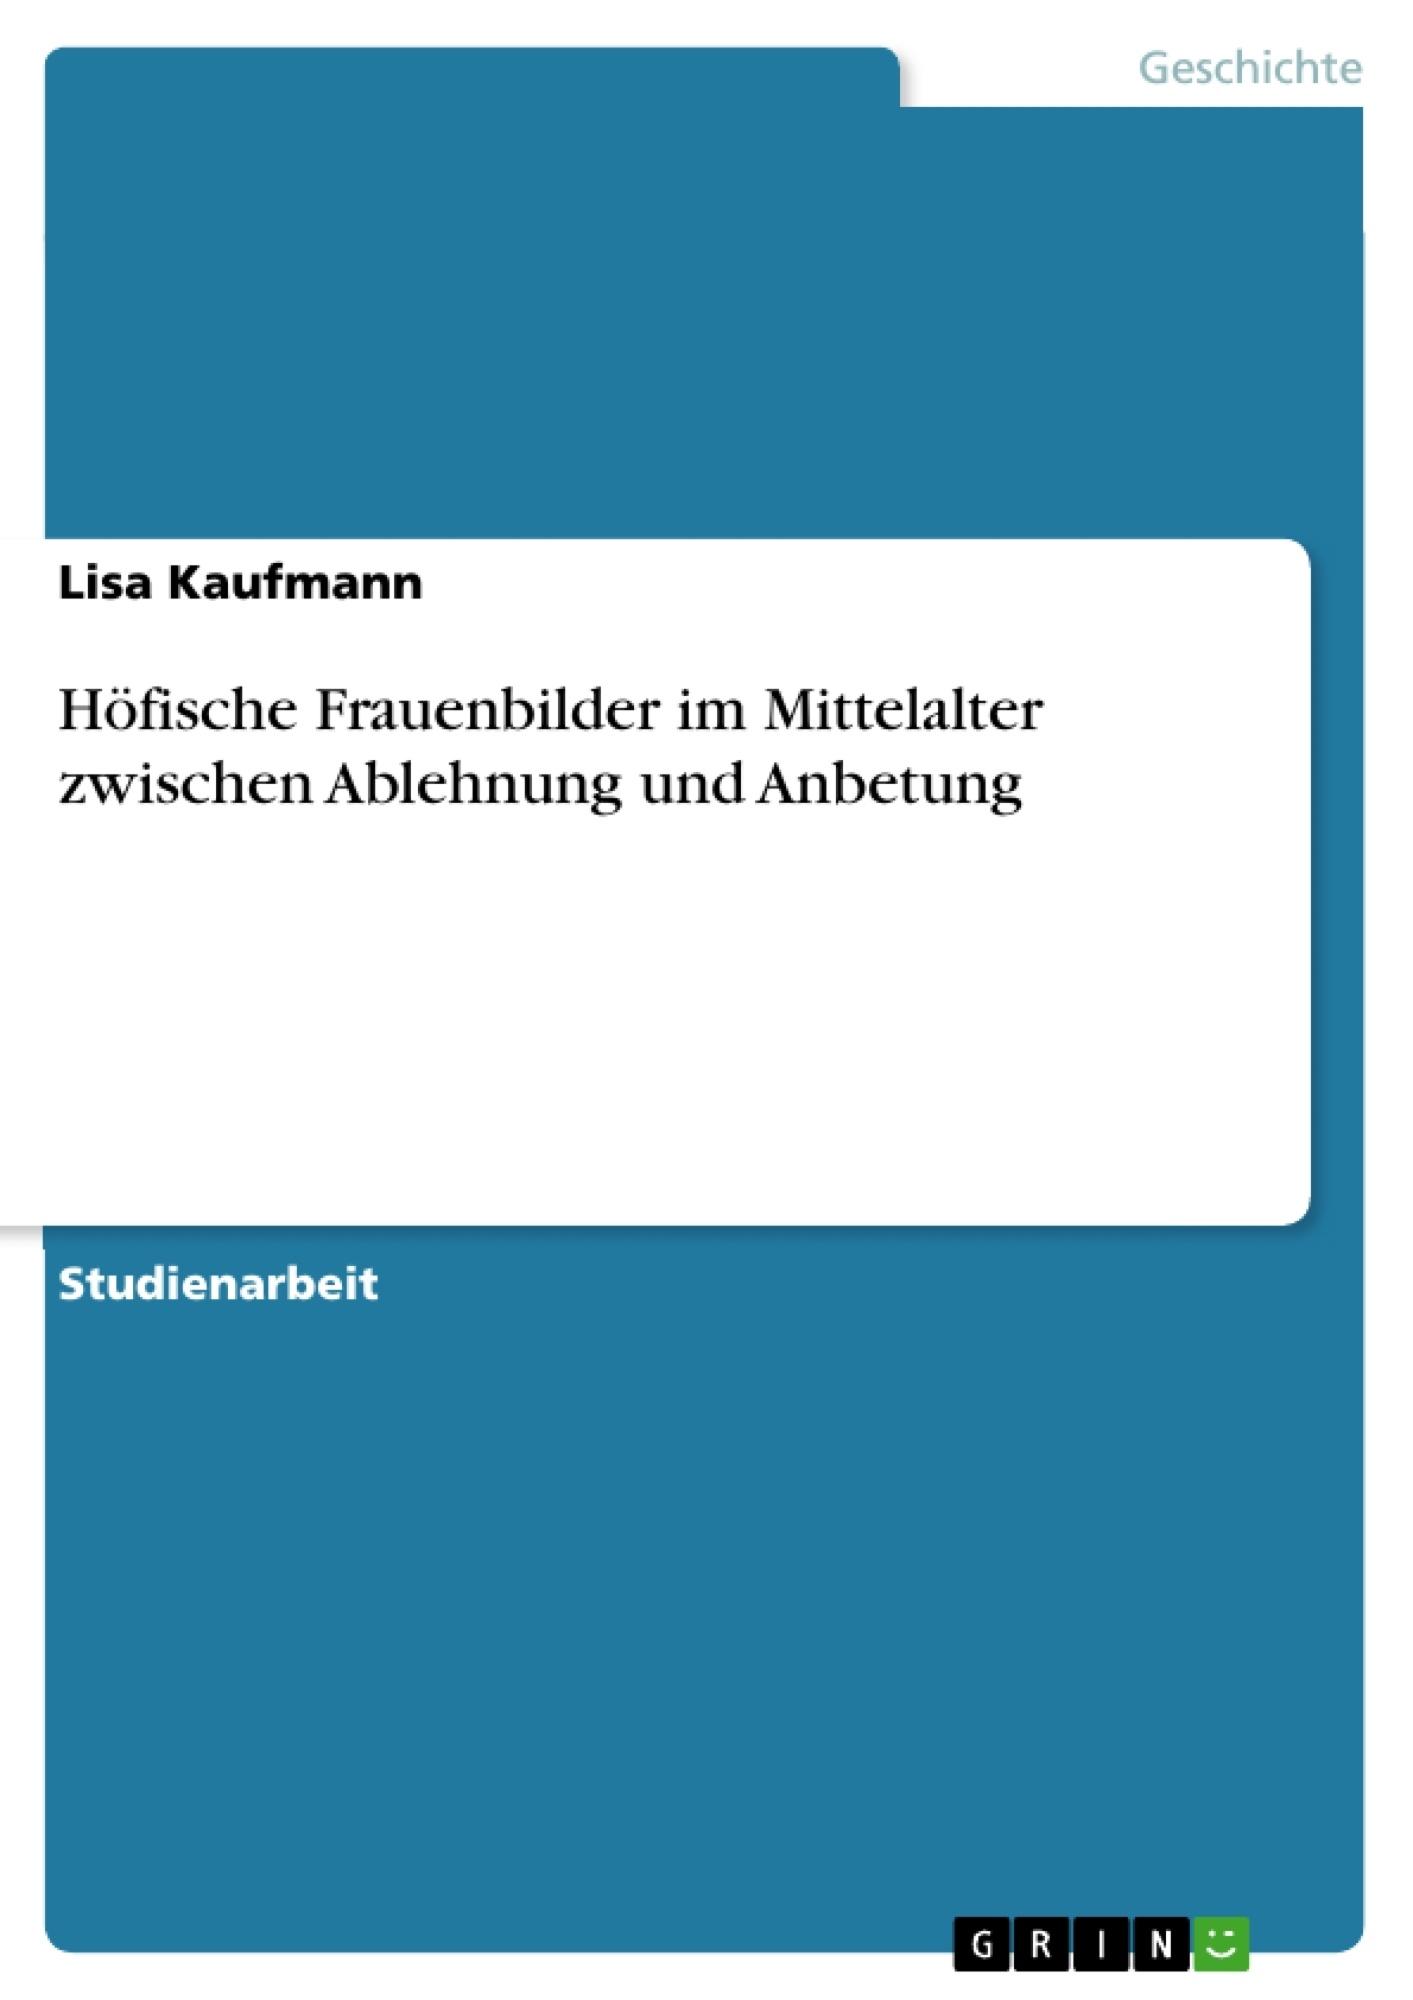 Titel: Höfische Frauenbilder im Mittelalter zwischen Ablehnung und Anbetung